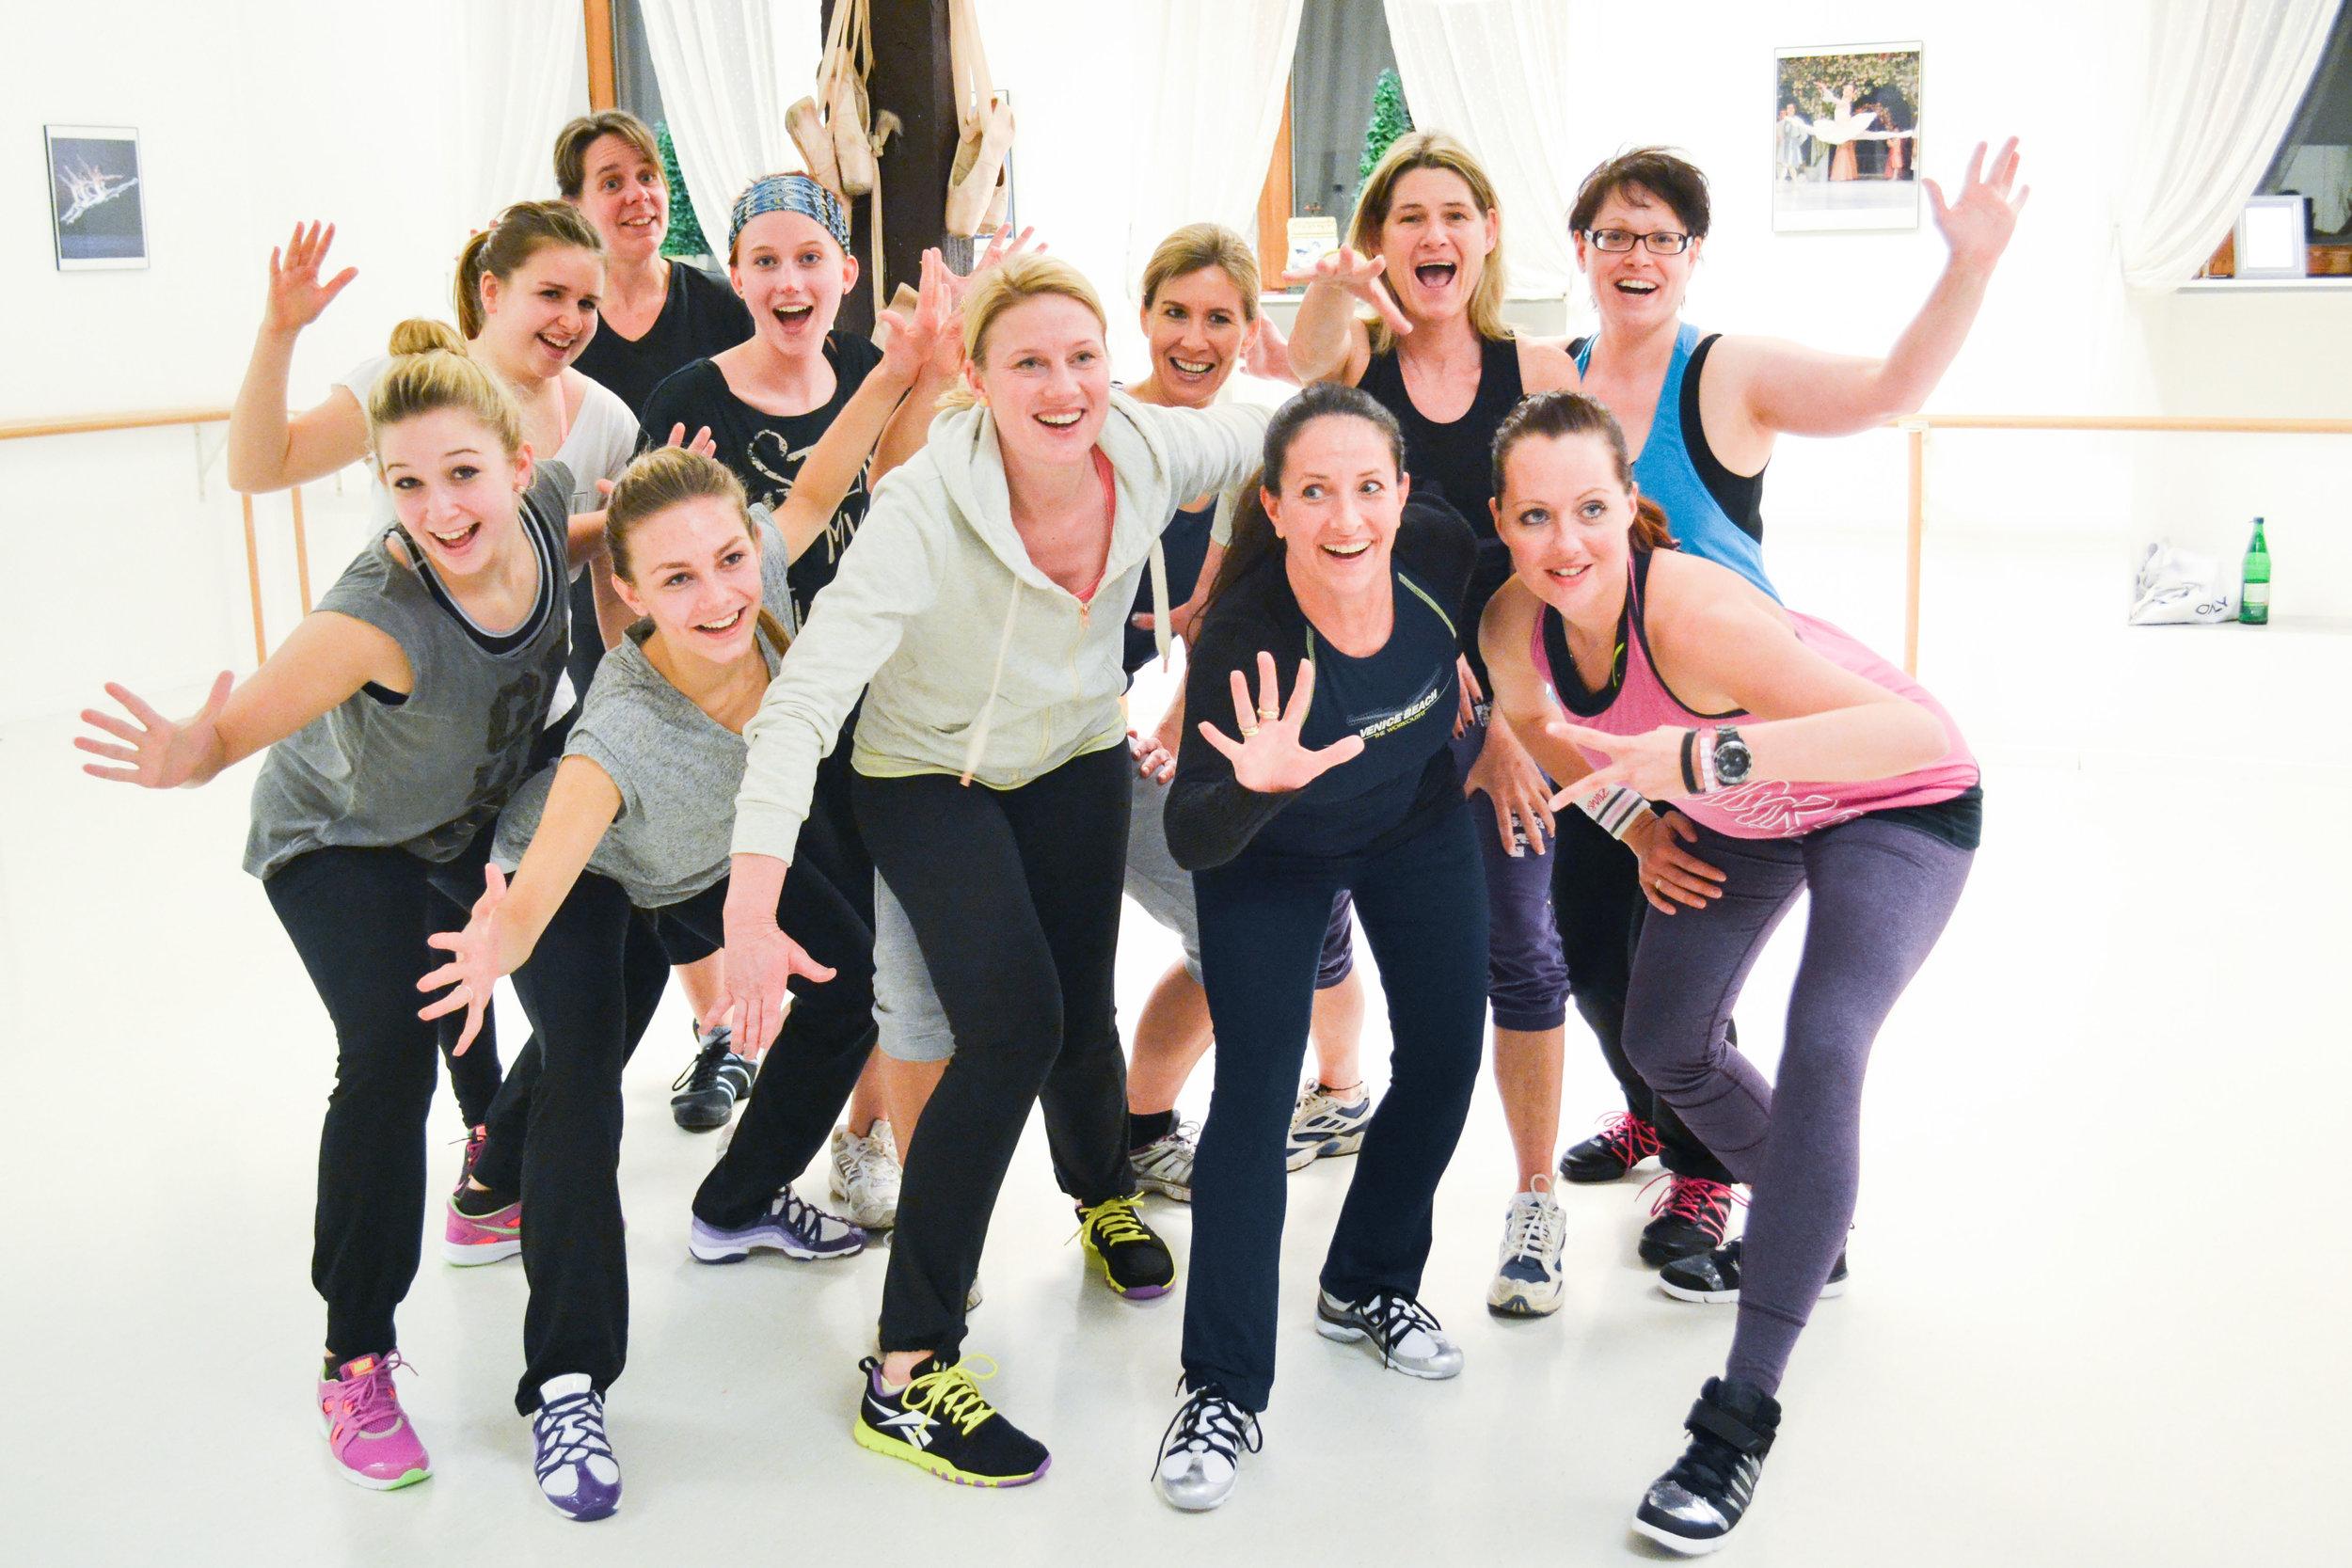 ZUMBA   Zumba ist ein Tanzfitnessprogramm zu lateinamerikanischer Musik in Kombination internationaler Hits, bei dem der Spaß im Vordergrund steht. Einfache Schrittkombinationen getanzt zu schnellen und langsamen Rhythmen in einer partyähnlichen Atmosphäre. Es werden gezielte Bereiche wie Bauch, Beine, Po und Arme trainiert. Zumba ist für jeden auch ohne Tanzkenntnisse geeignet.    Zur Bildergalerie